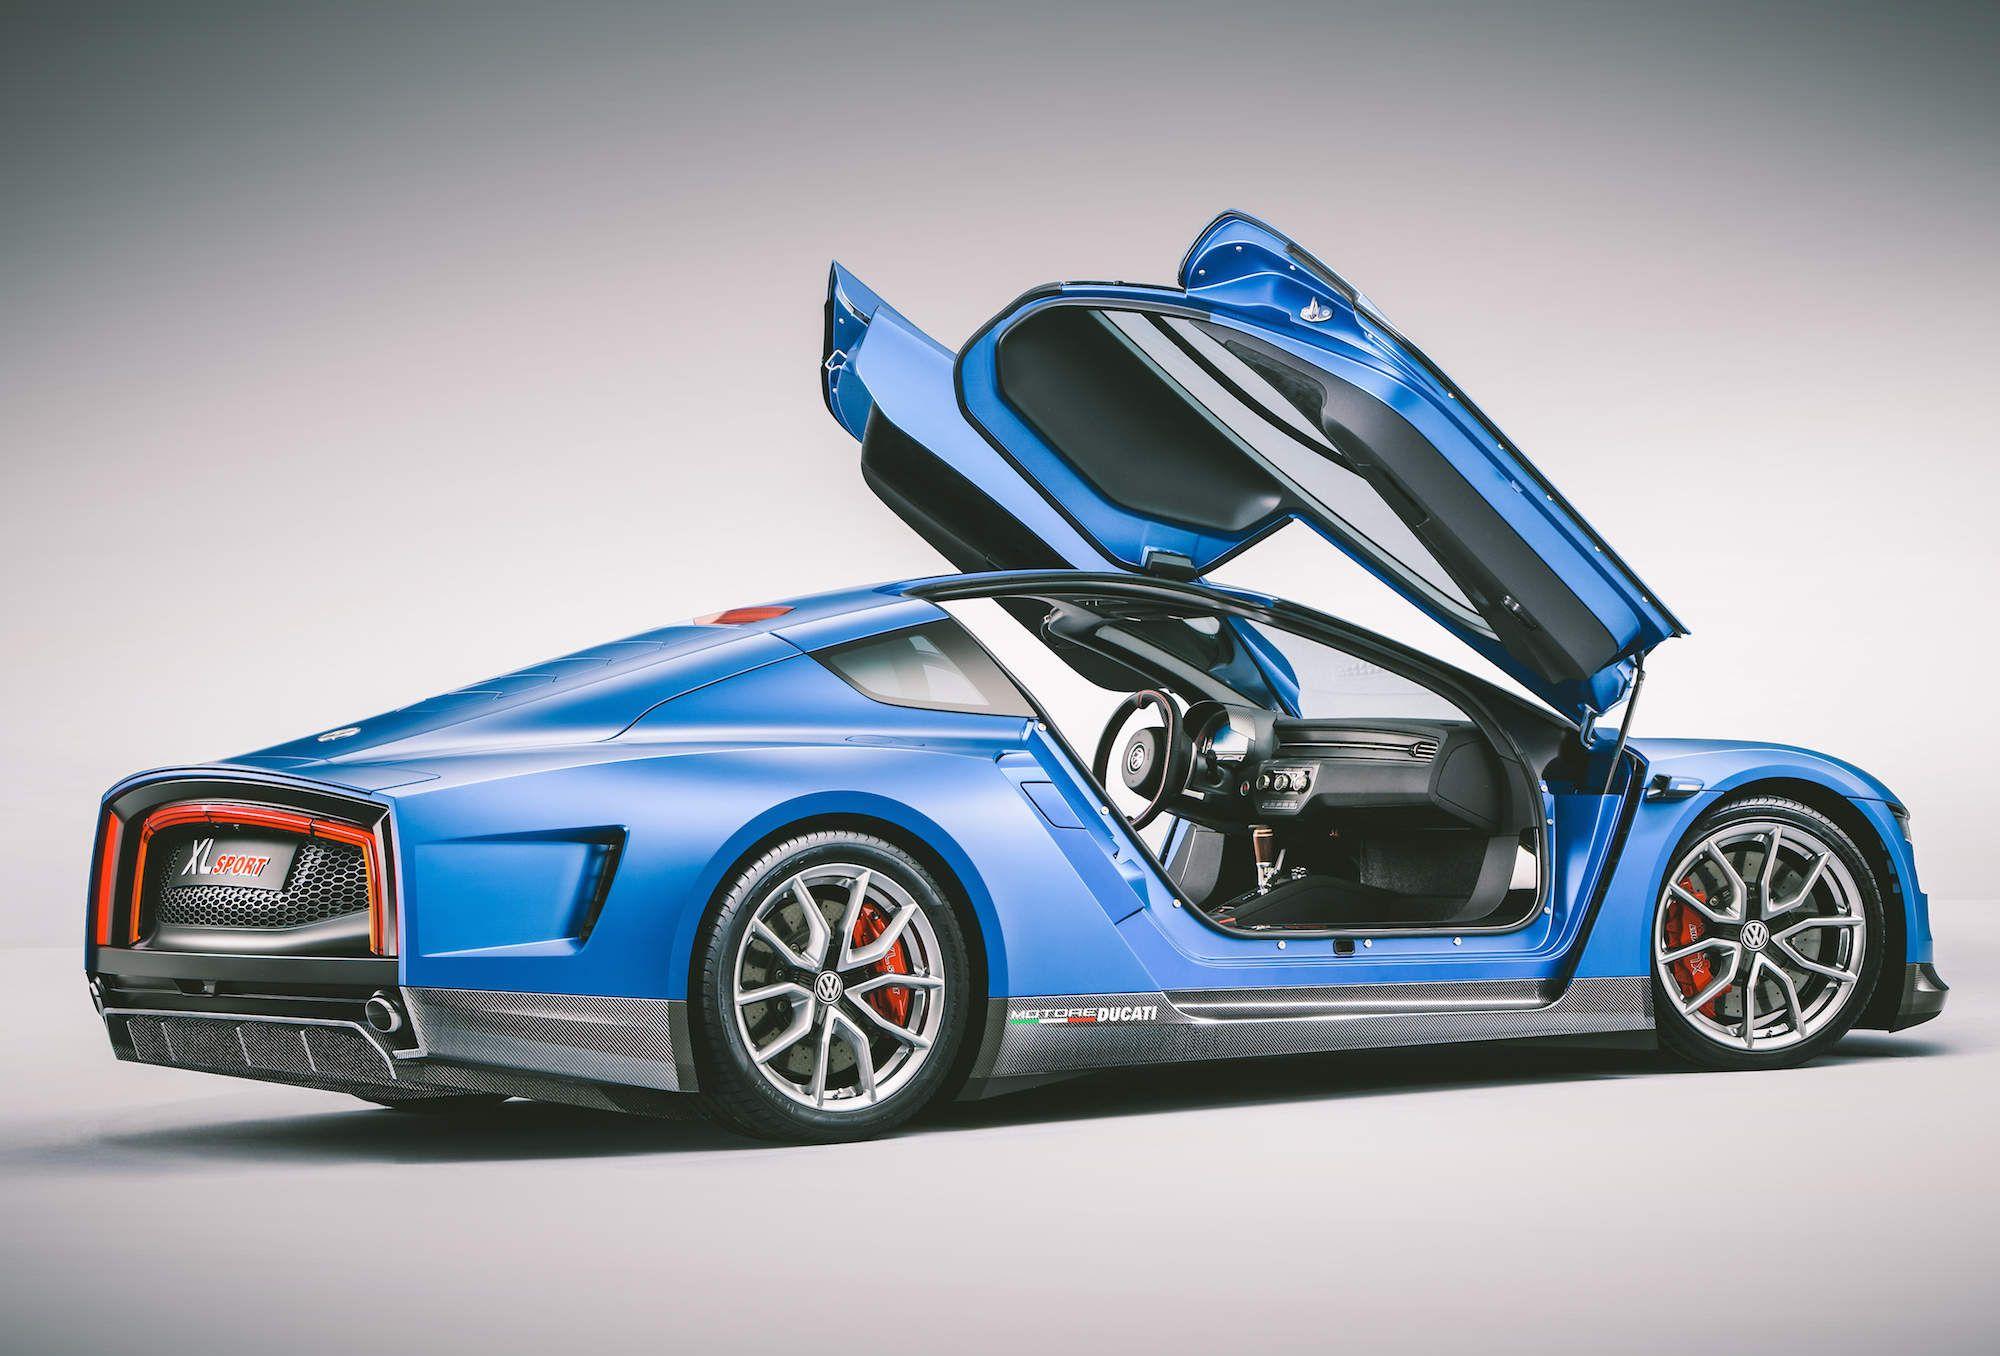 The Xl Sport Is Volkswagen S New Ducati Powered Supercar New Ducati Volkswagen Super Cars